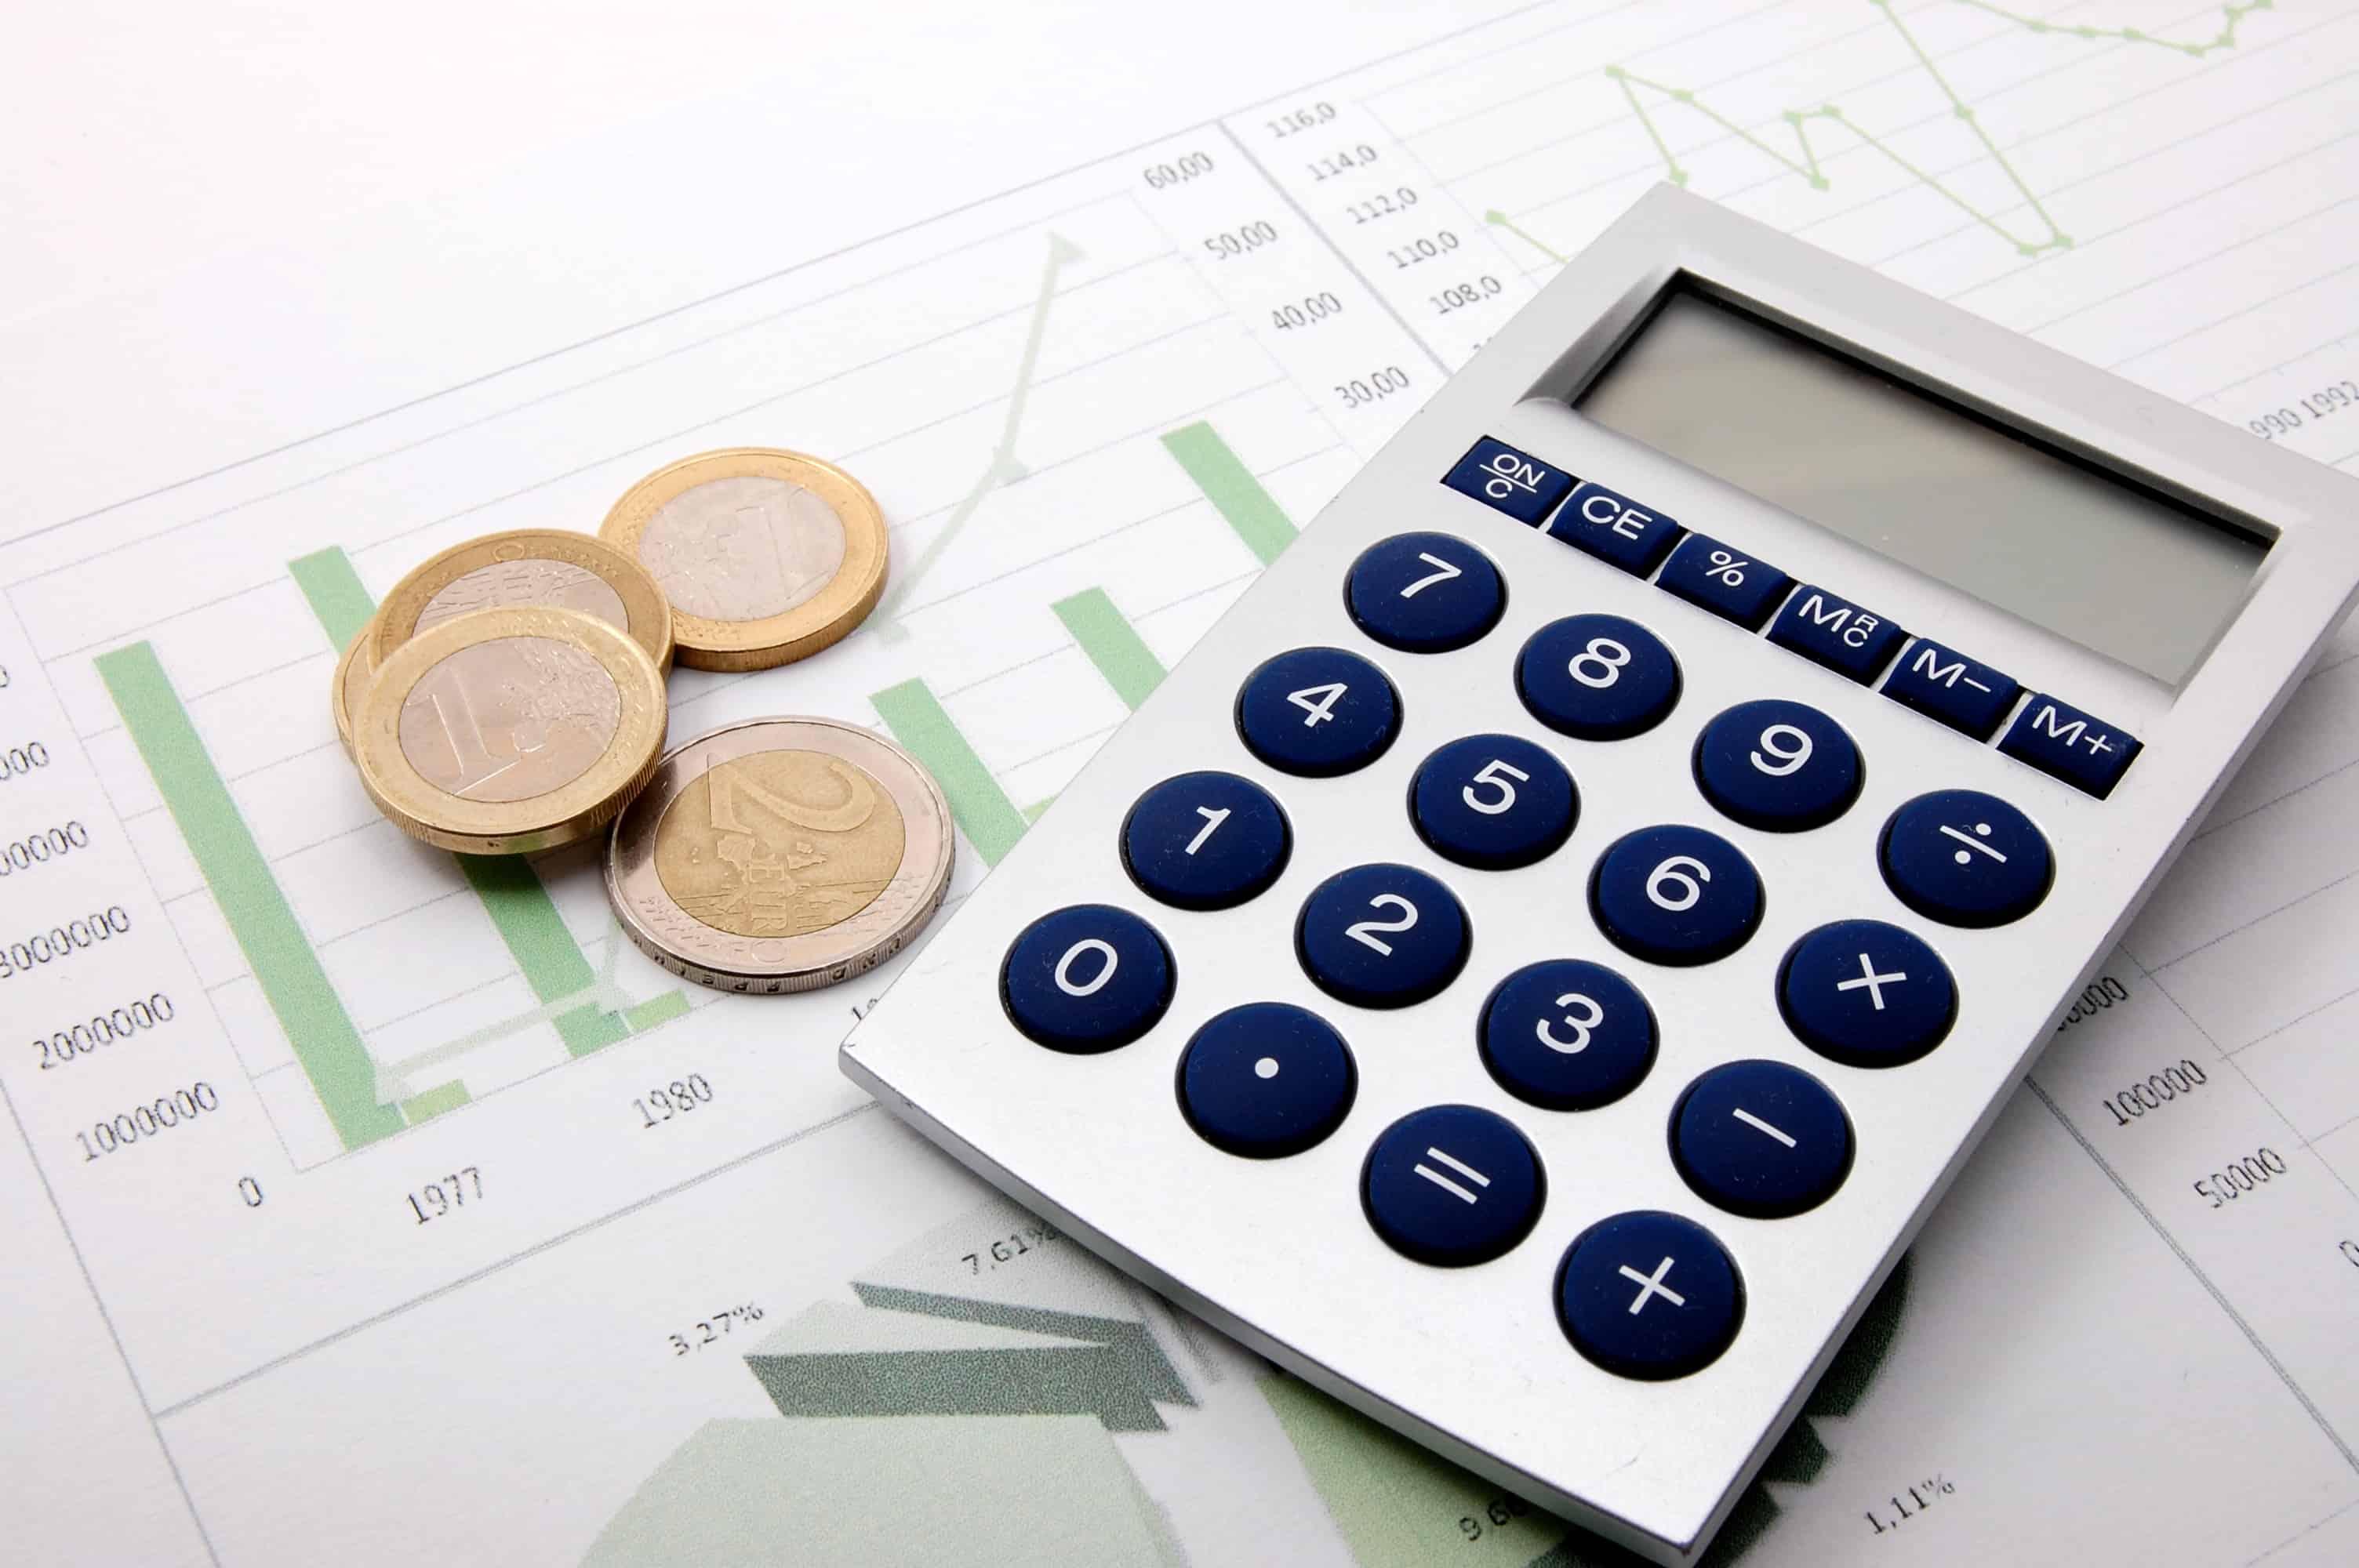 социальная доплата расчет схема